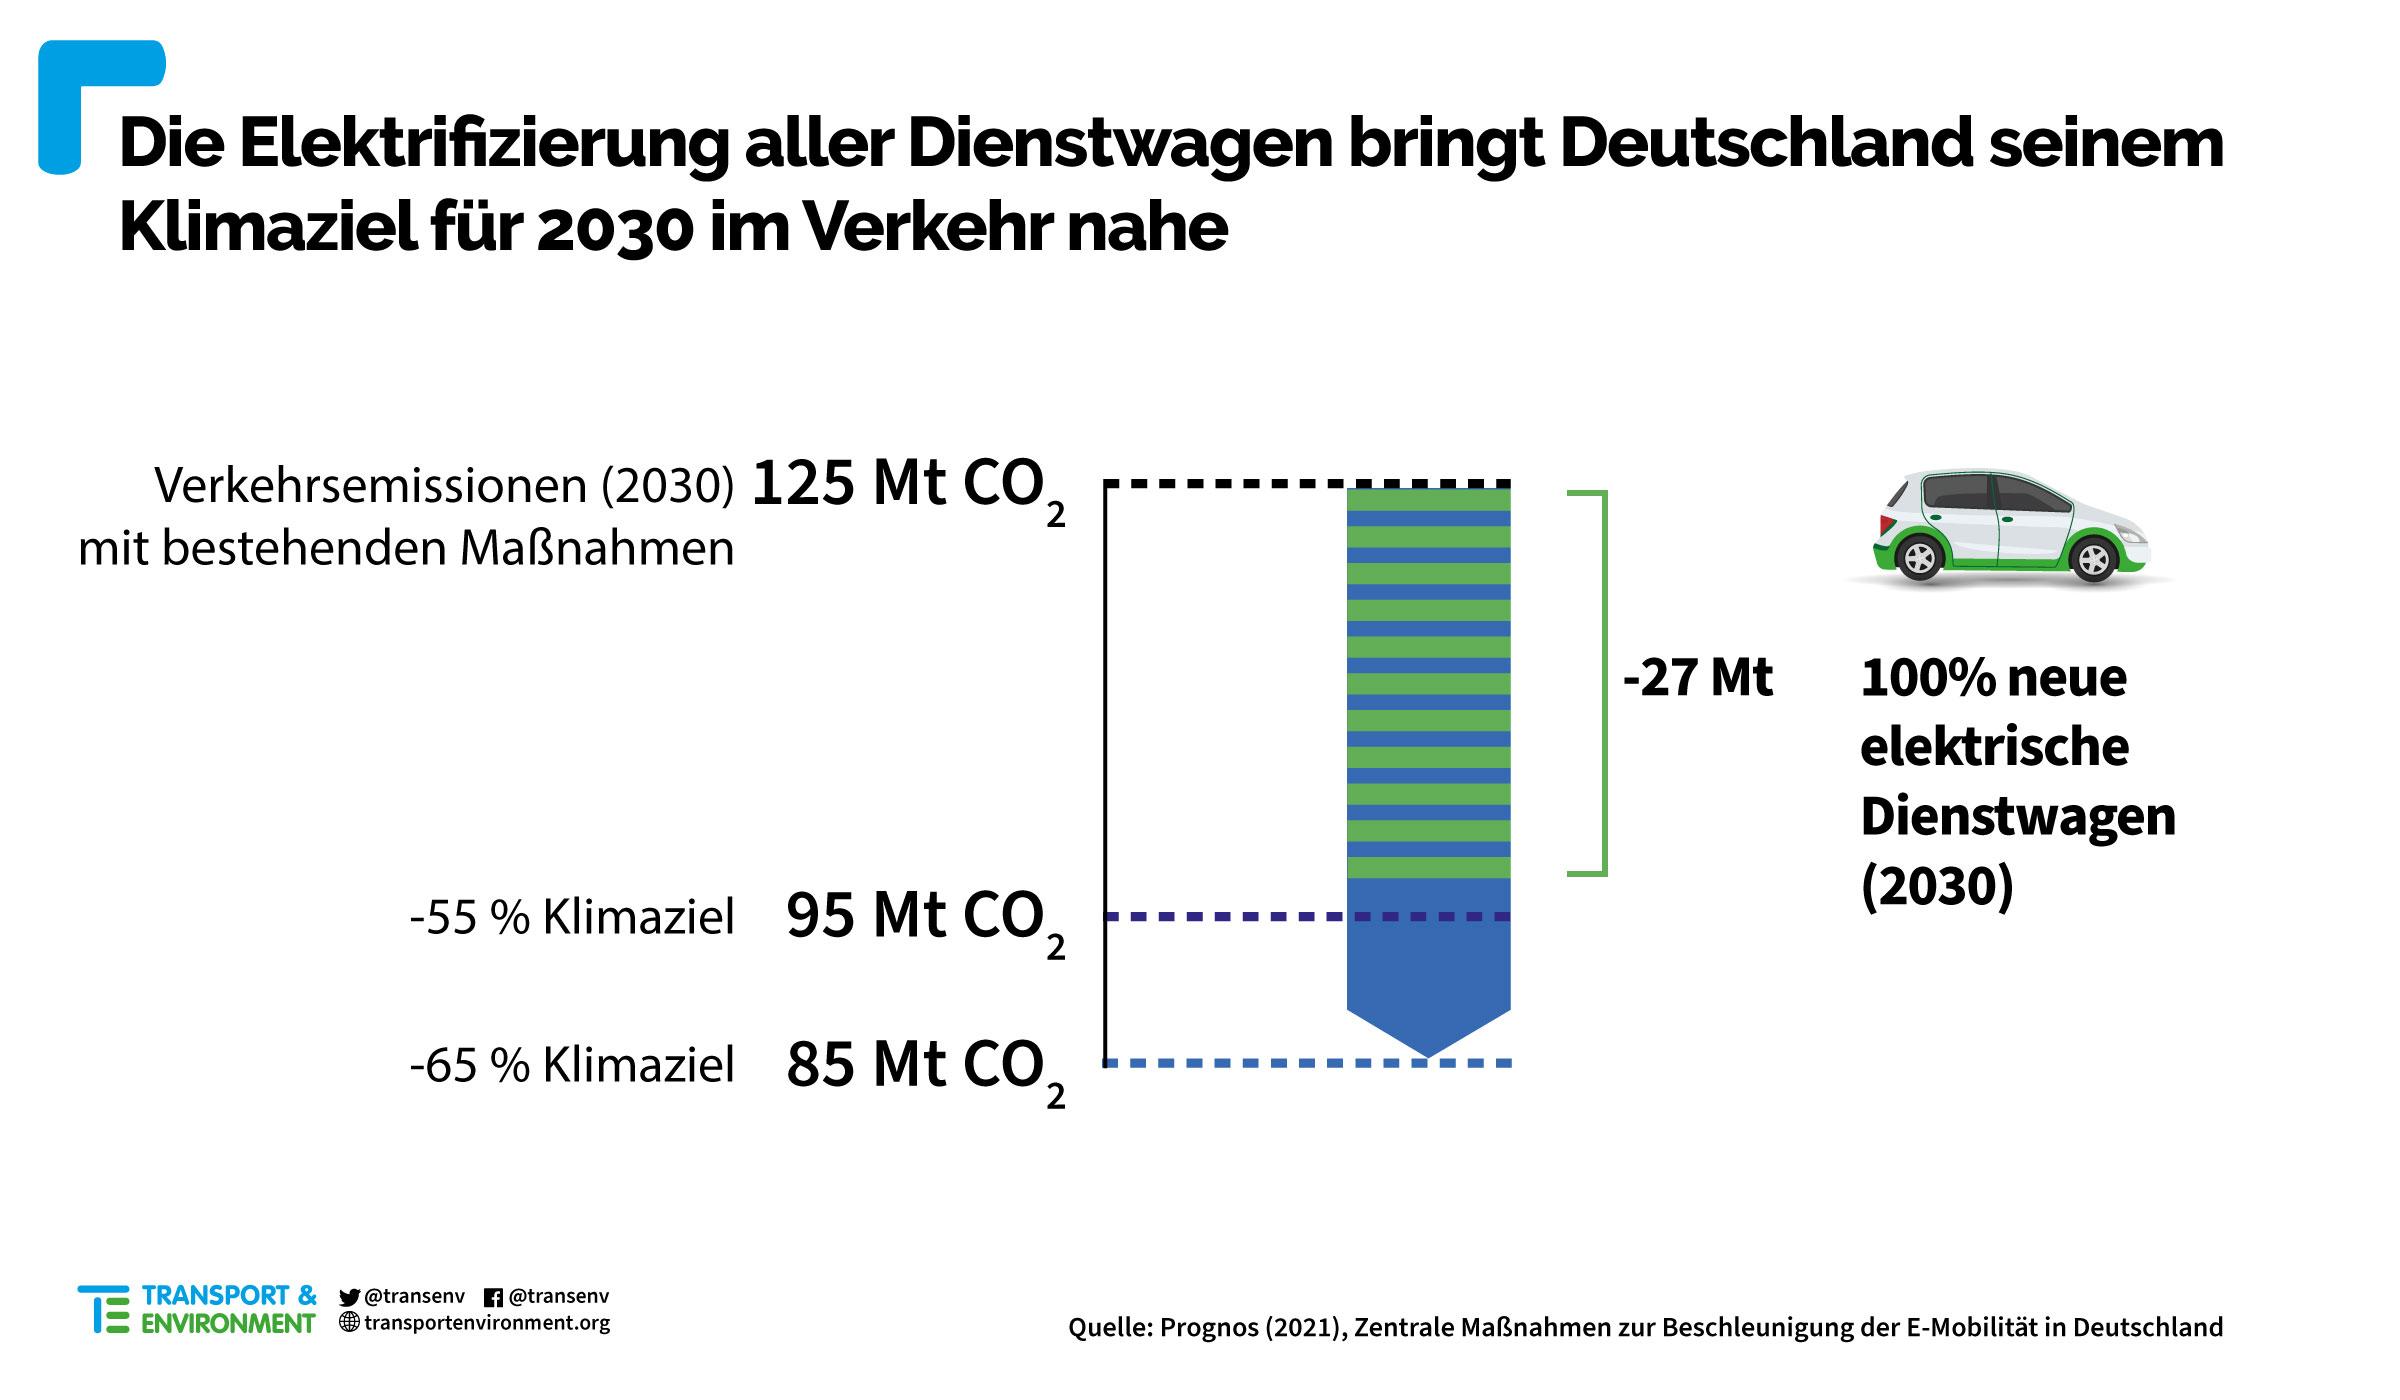 Elektrifizierung-Dienstwagen-Emissionen